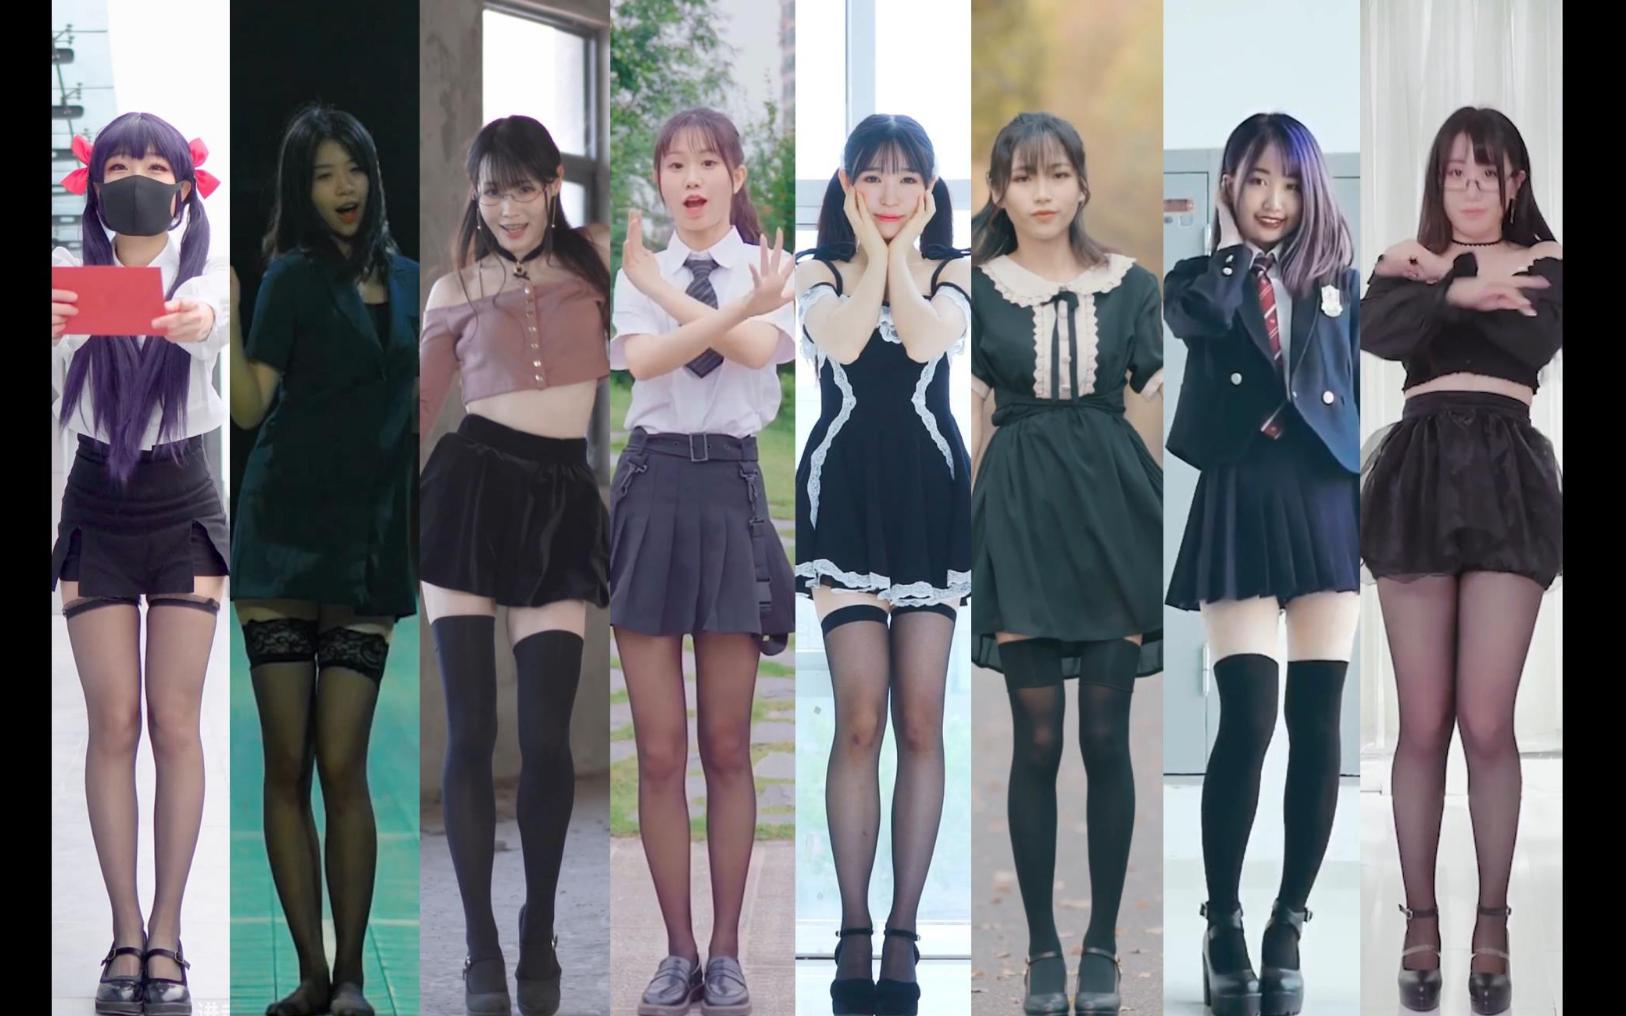 【小鹿乱撞黑丝版】挑战丝滑换装!